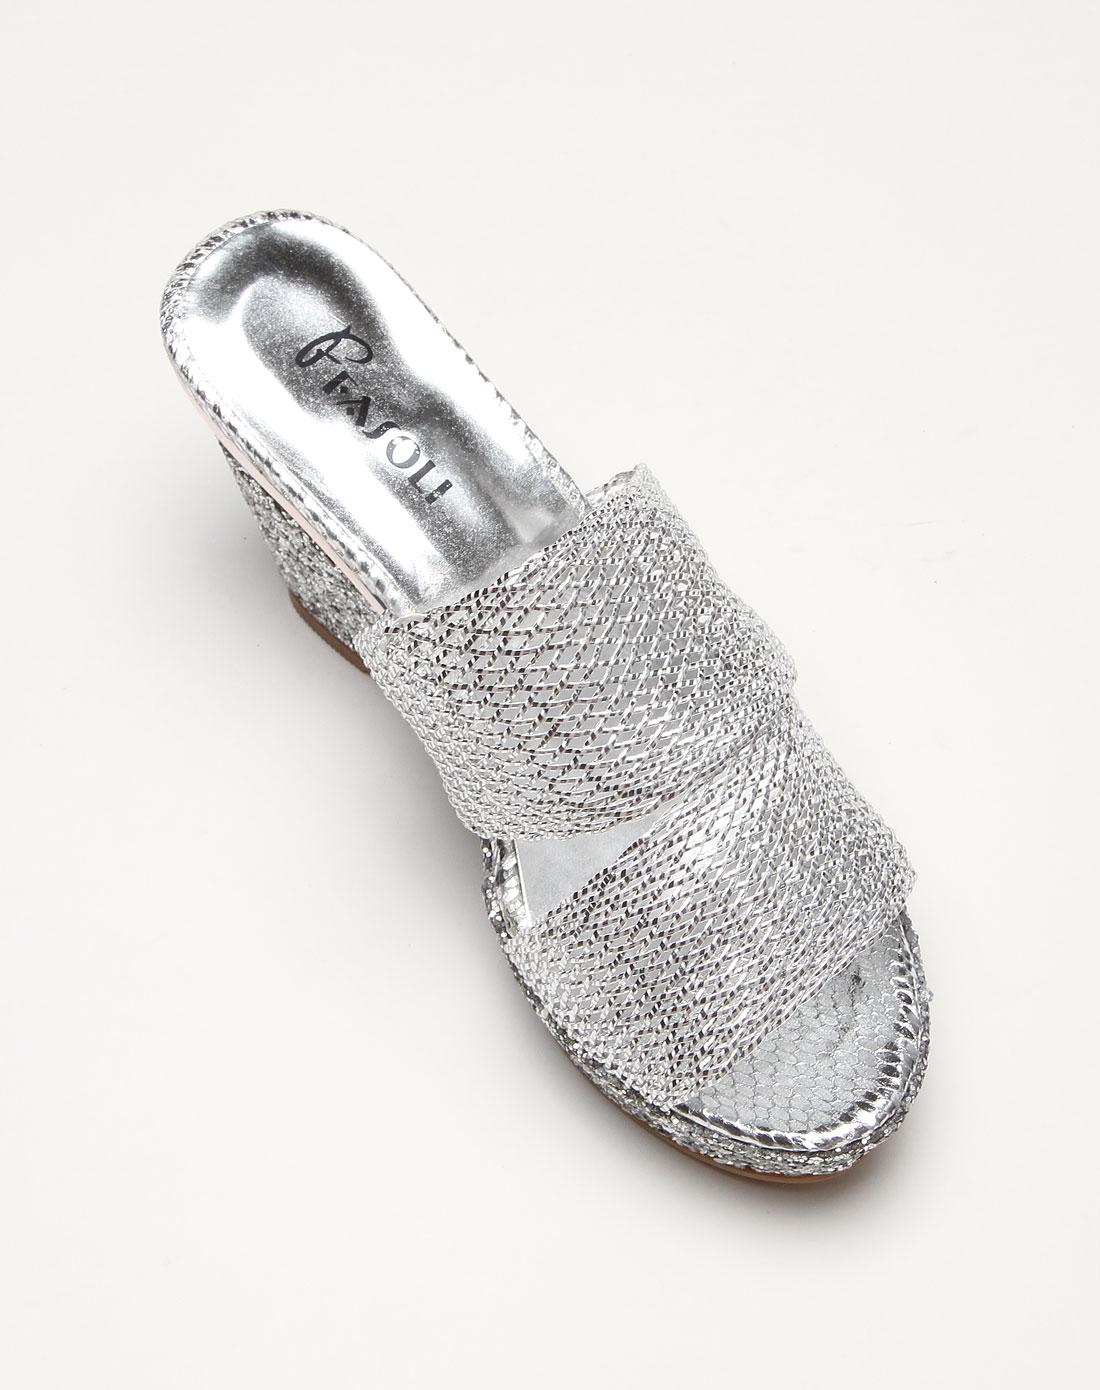 fasoli男女鞋女款网格时尚银色高跟凉拖鞋e13203